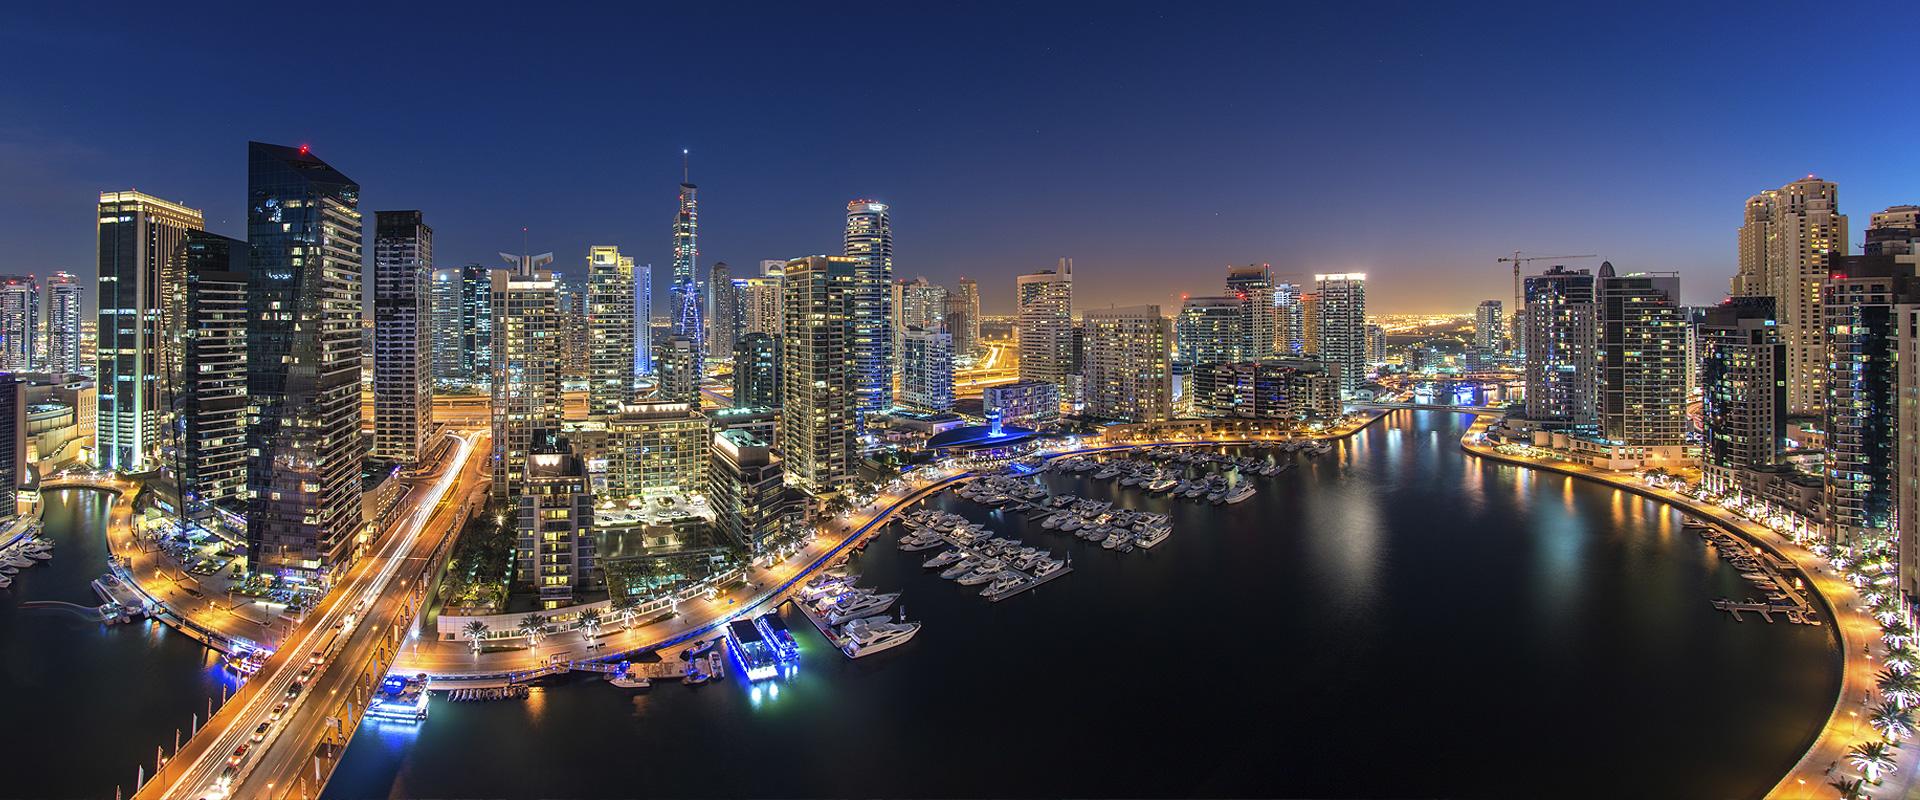 Sobre nosotros - Oficina de procesamiento de visados de Dubái